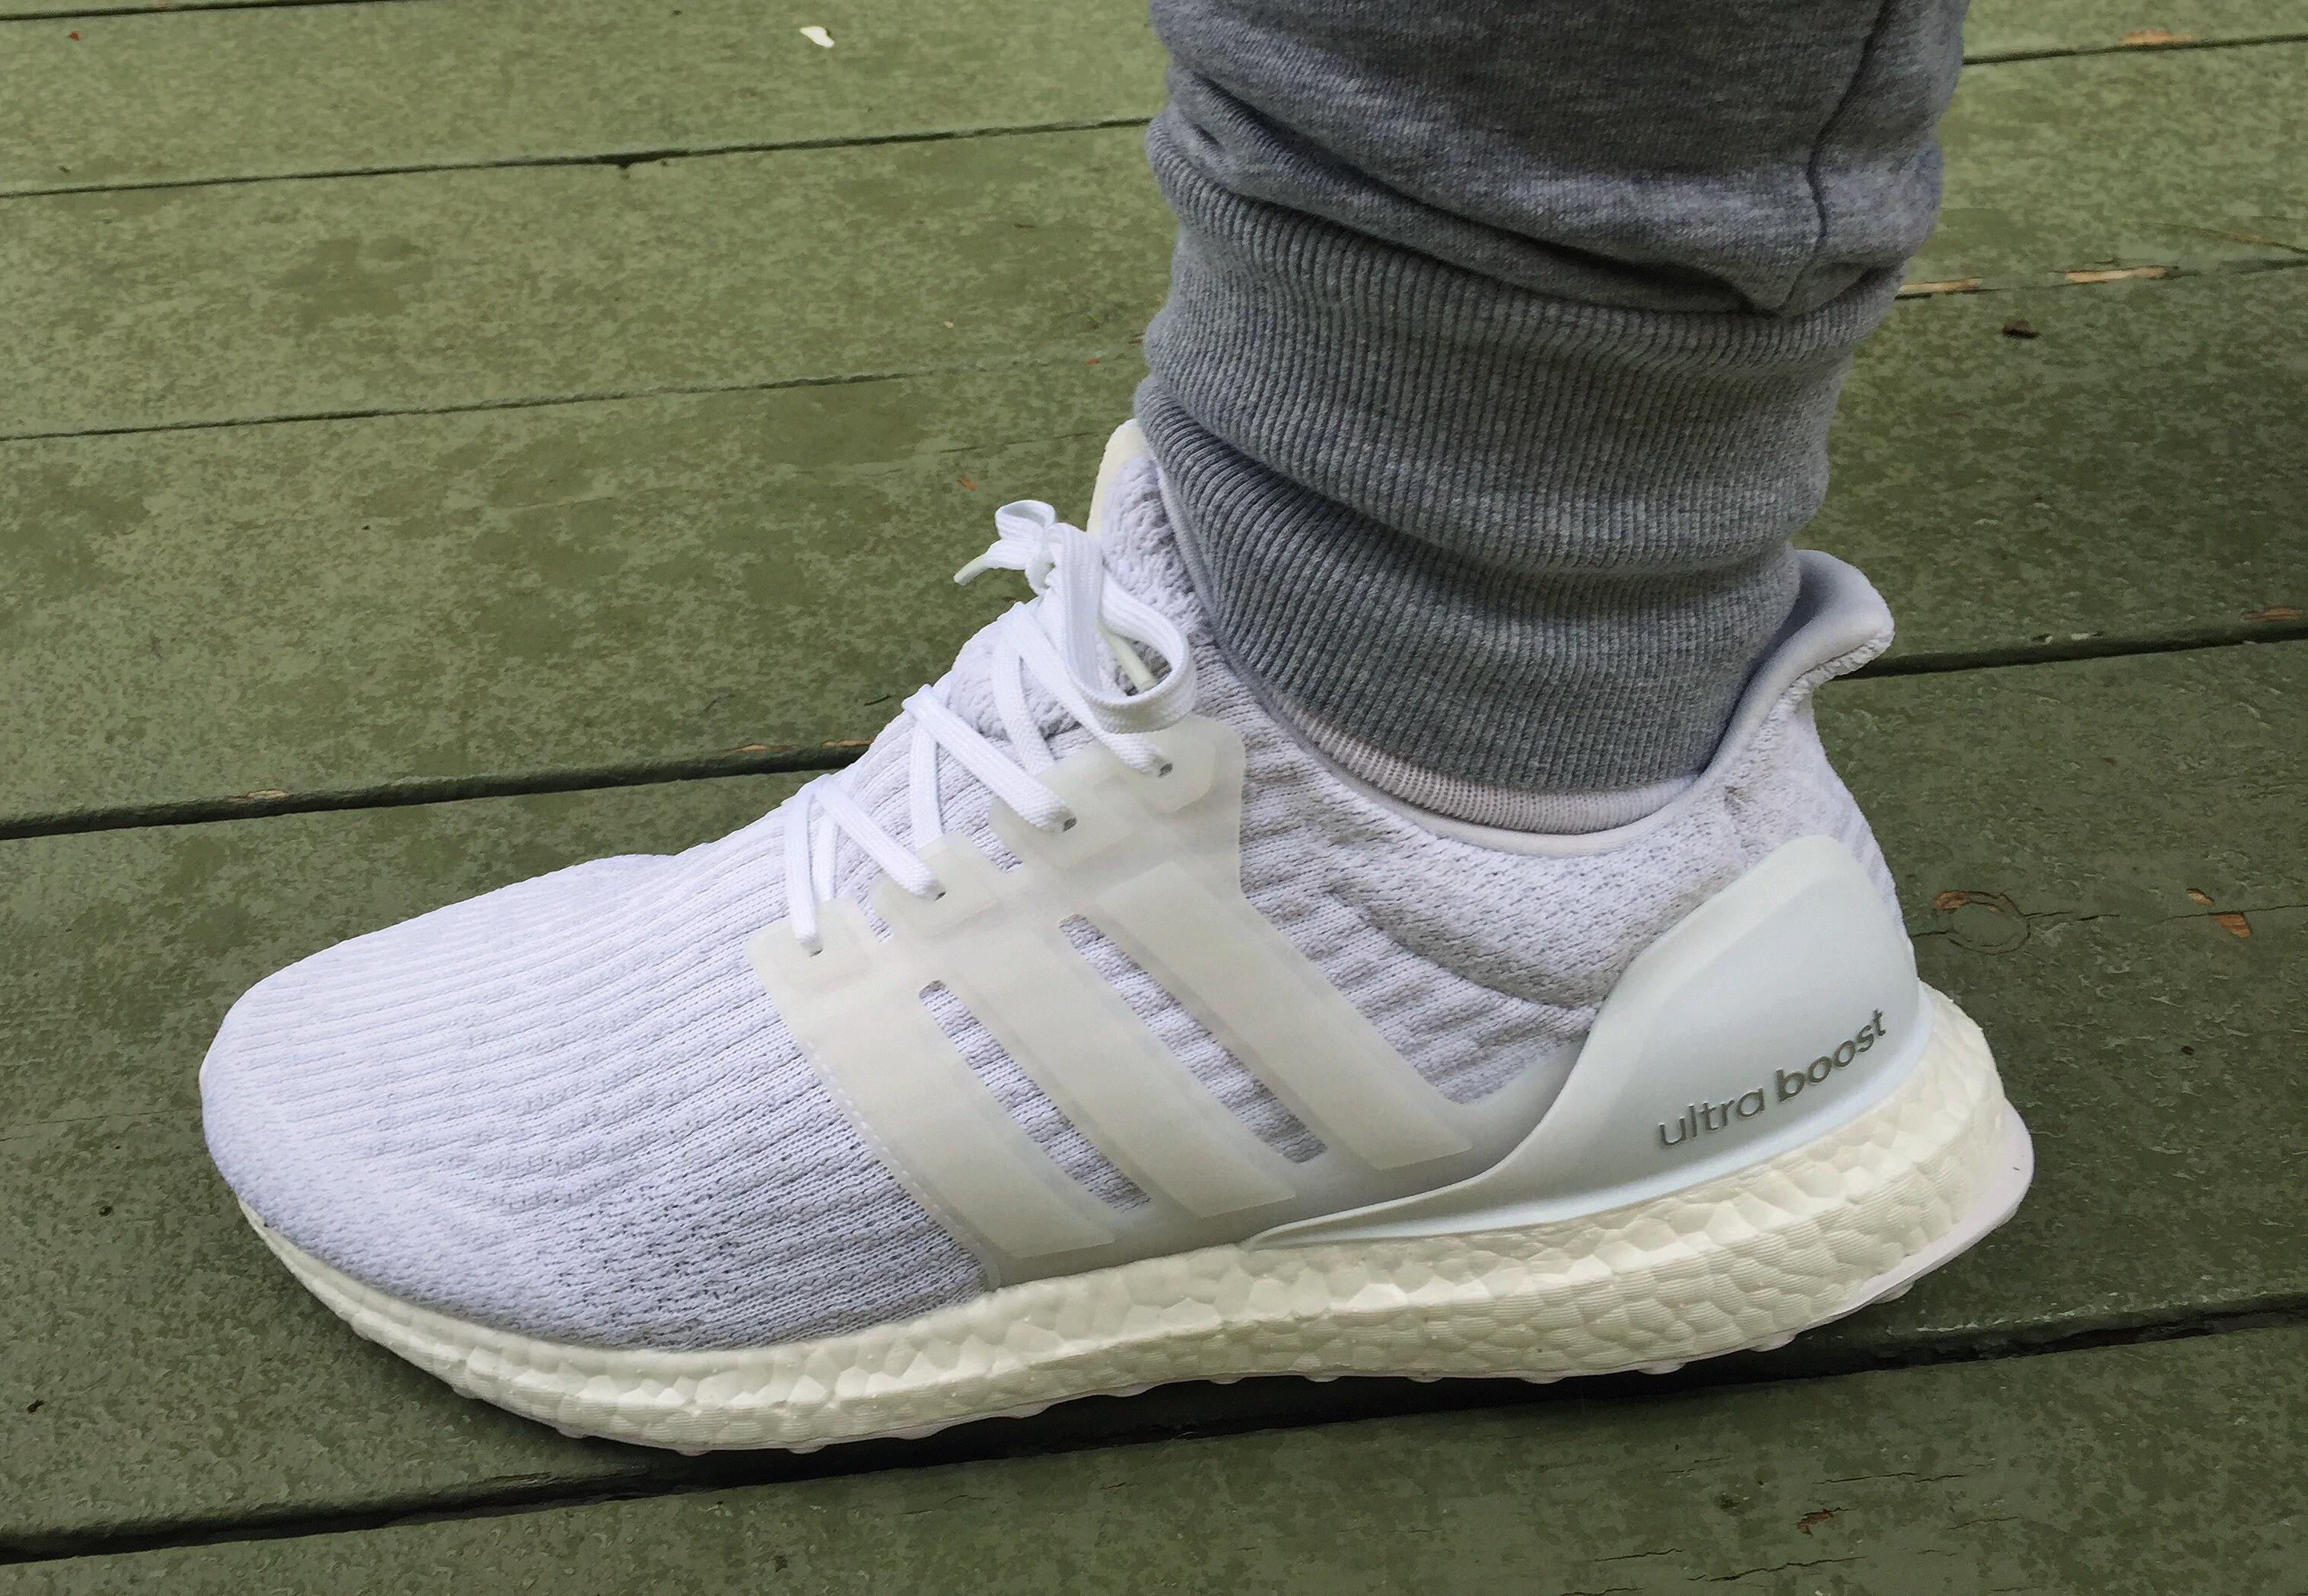 foot. Ultraboost 3.0 \